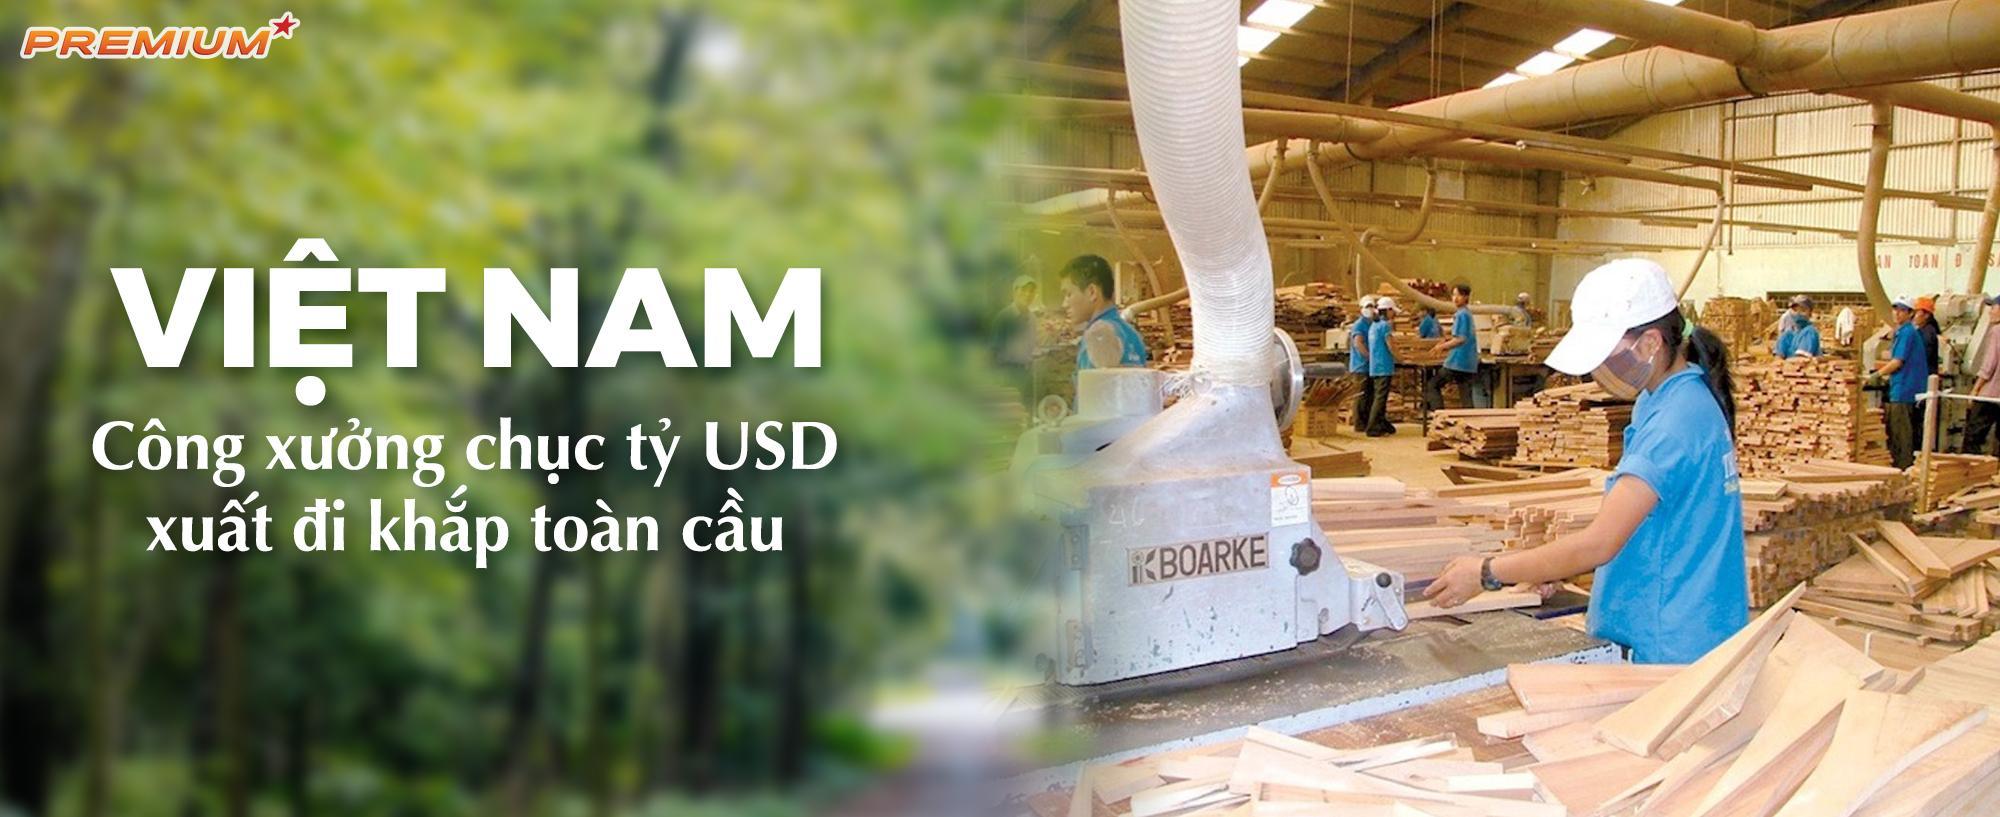 Việt Nam: Công xưởng chục tỷ USD, xuất đi khắp toàn cầu